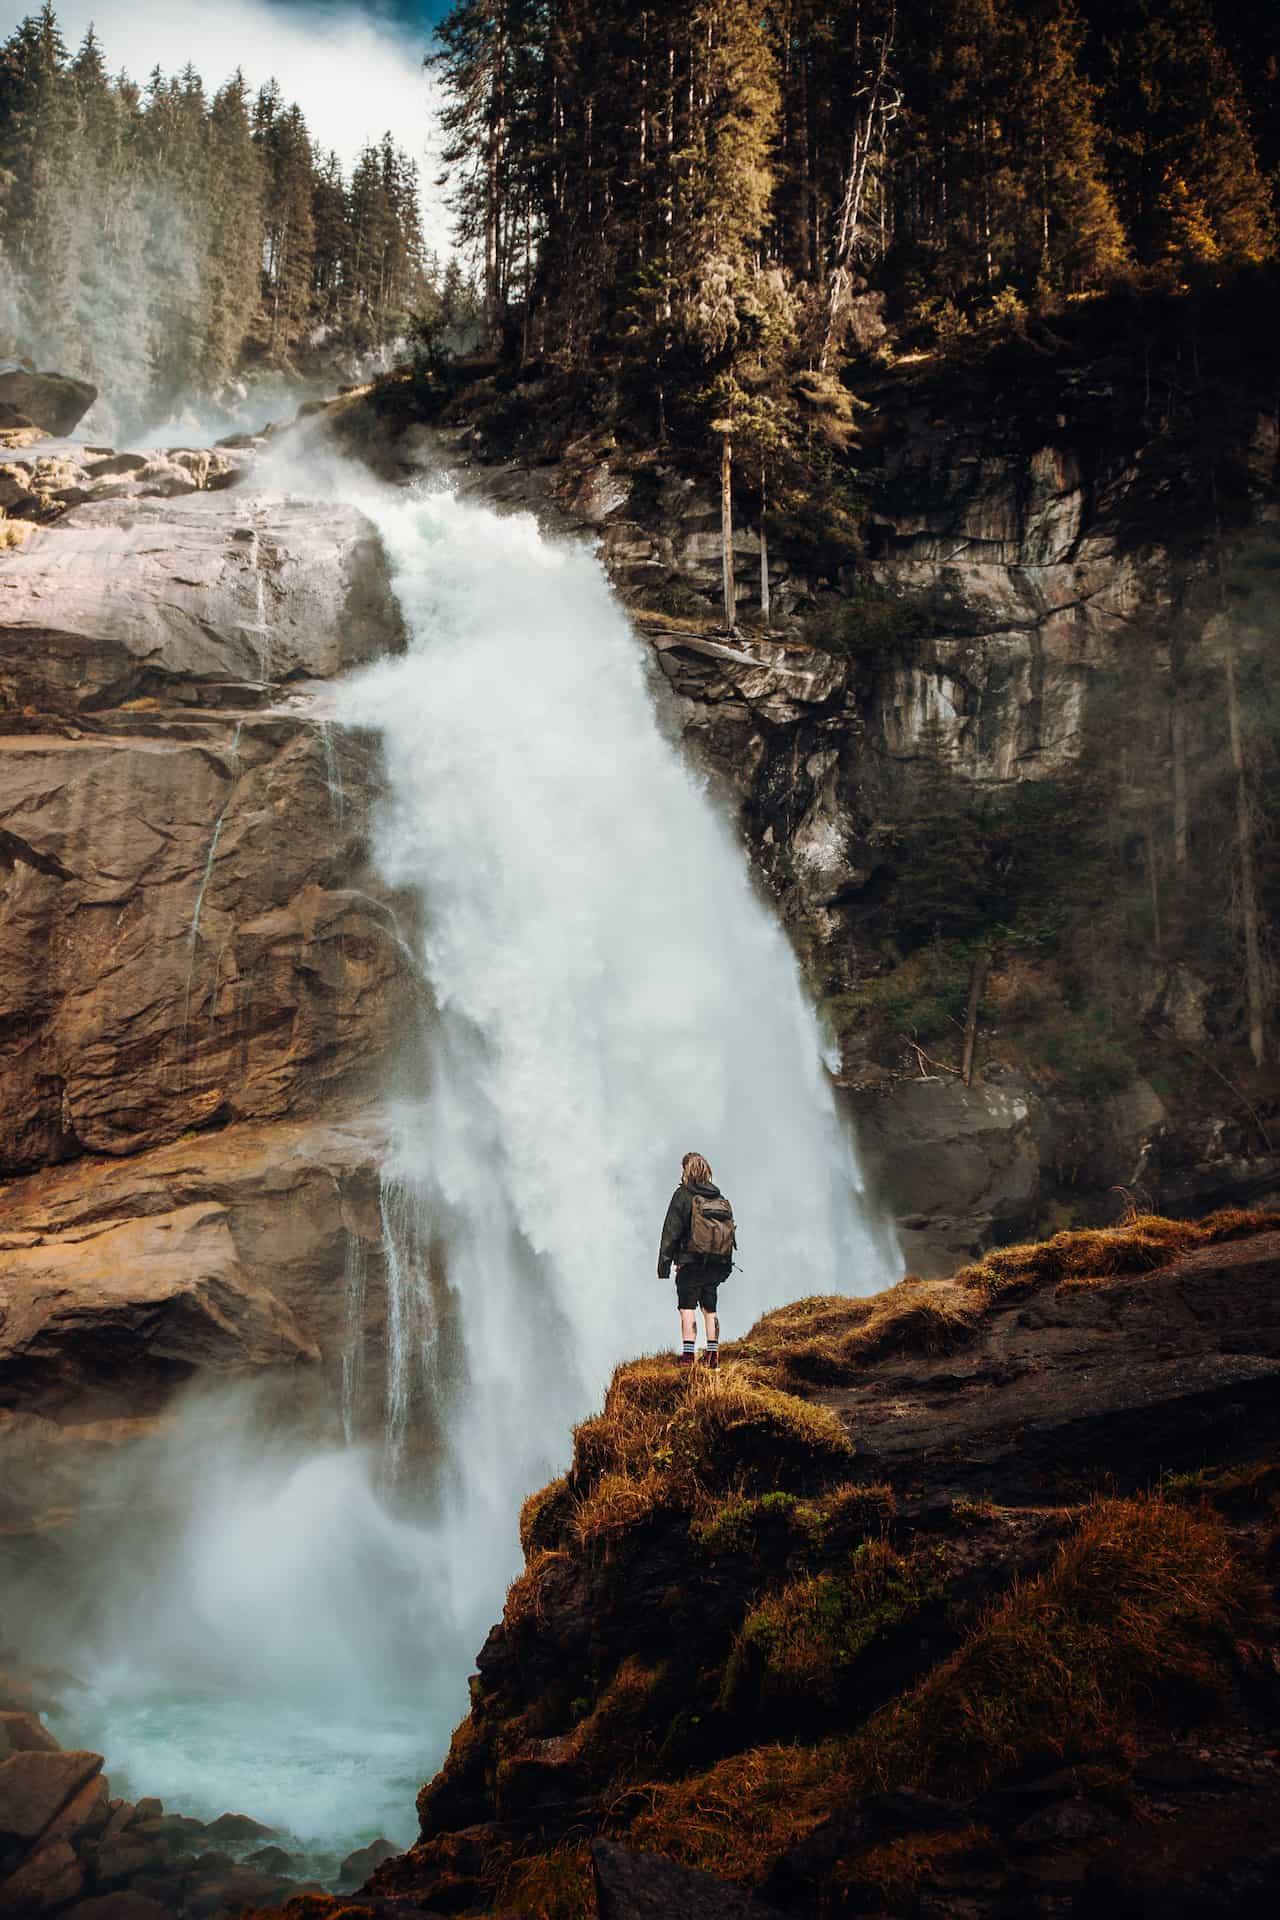 Hüttenurlaub im Sommer: Krimmler Wasserfälle